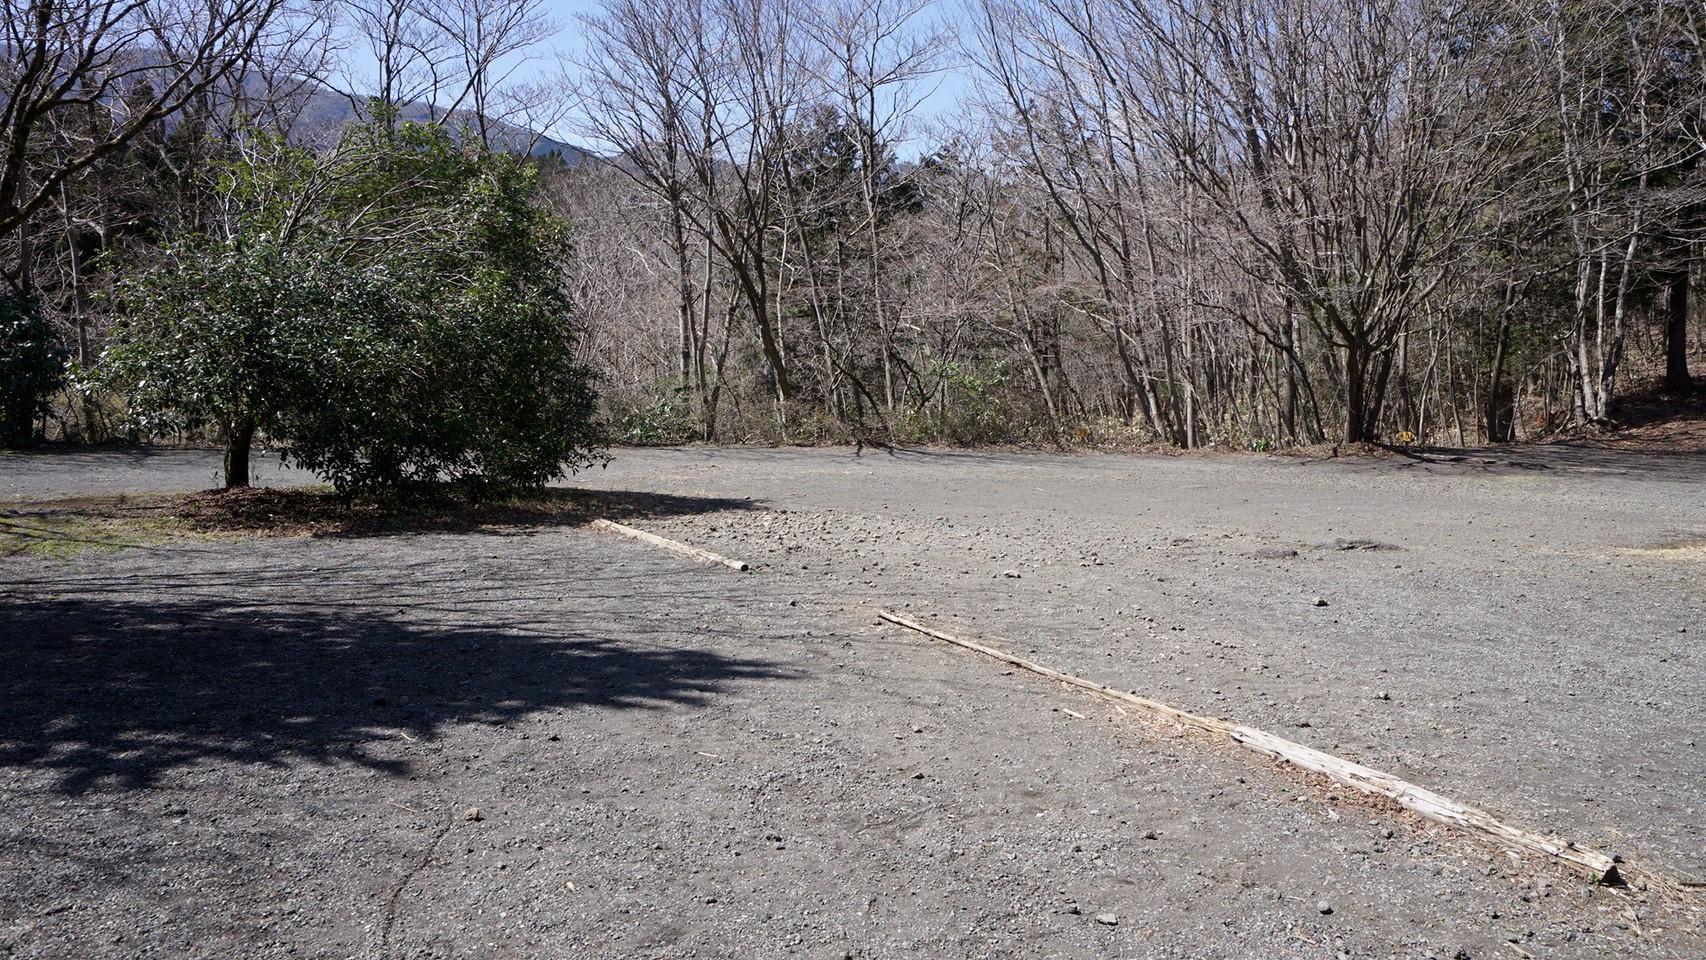 【富士山・天子ヶ岳・清流|富士宮市】『ACN西富士オートキャンプ場』攻略ガイド(駐車場・トイレ)